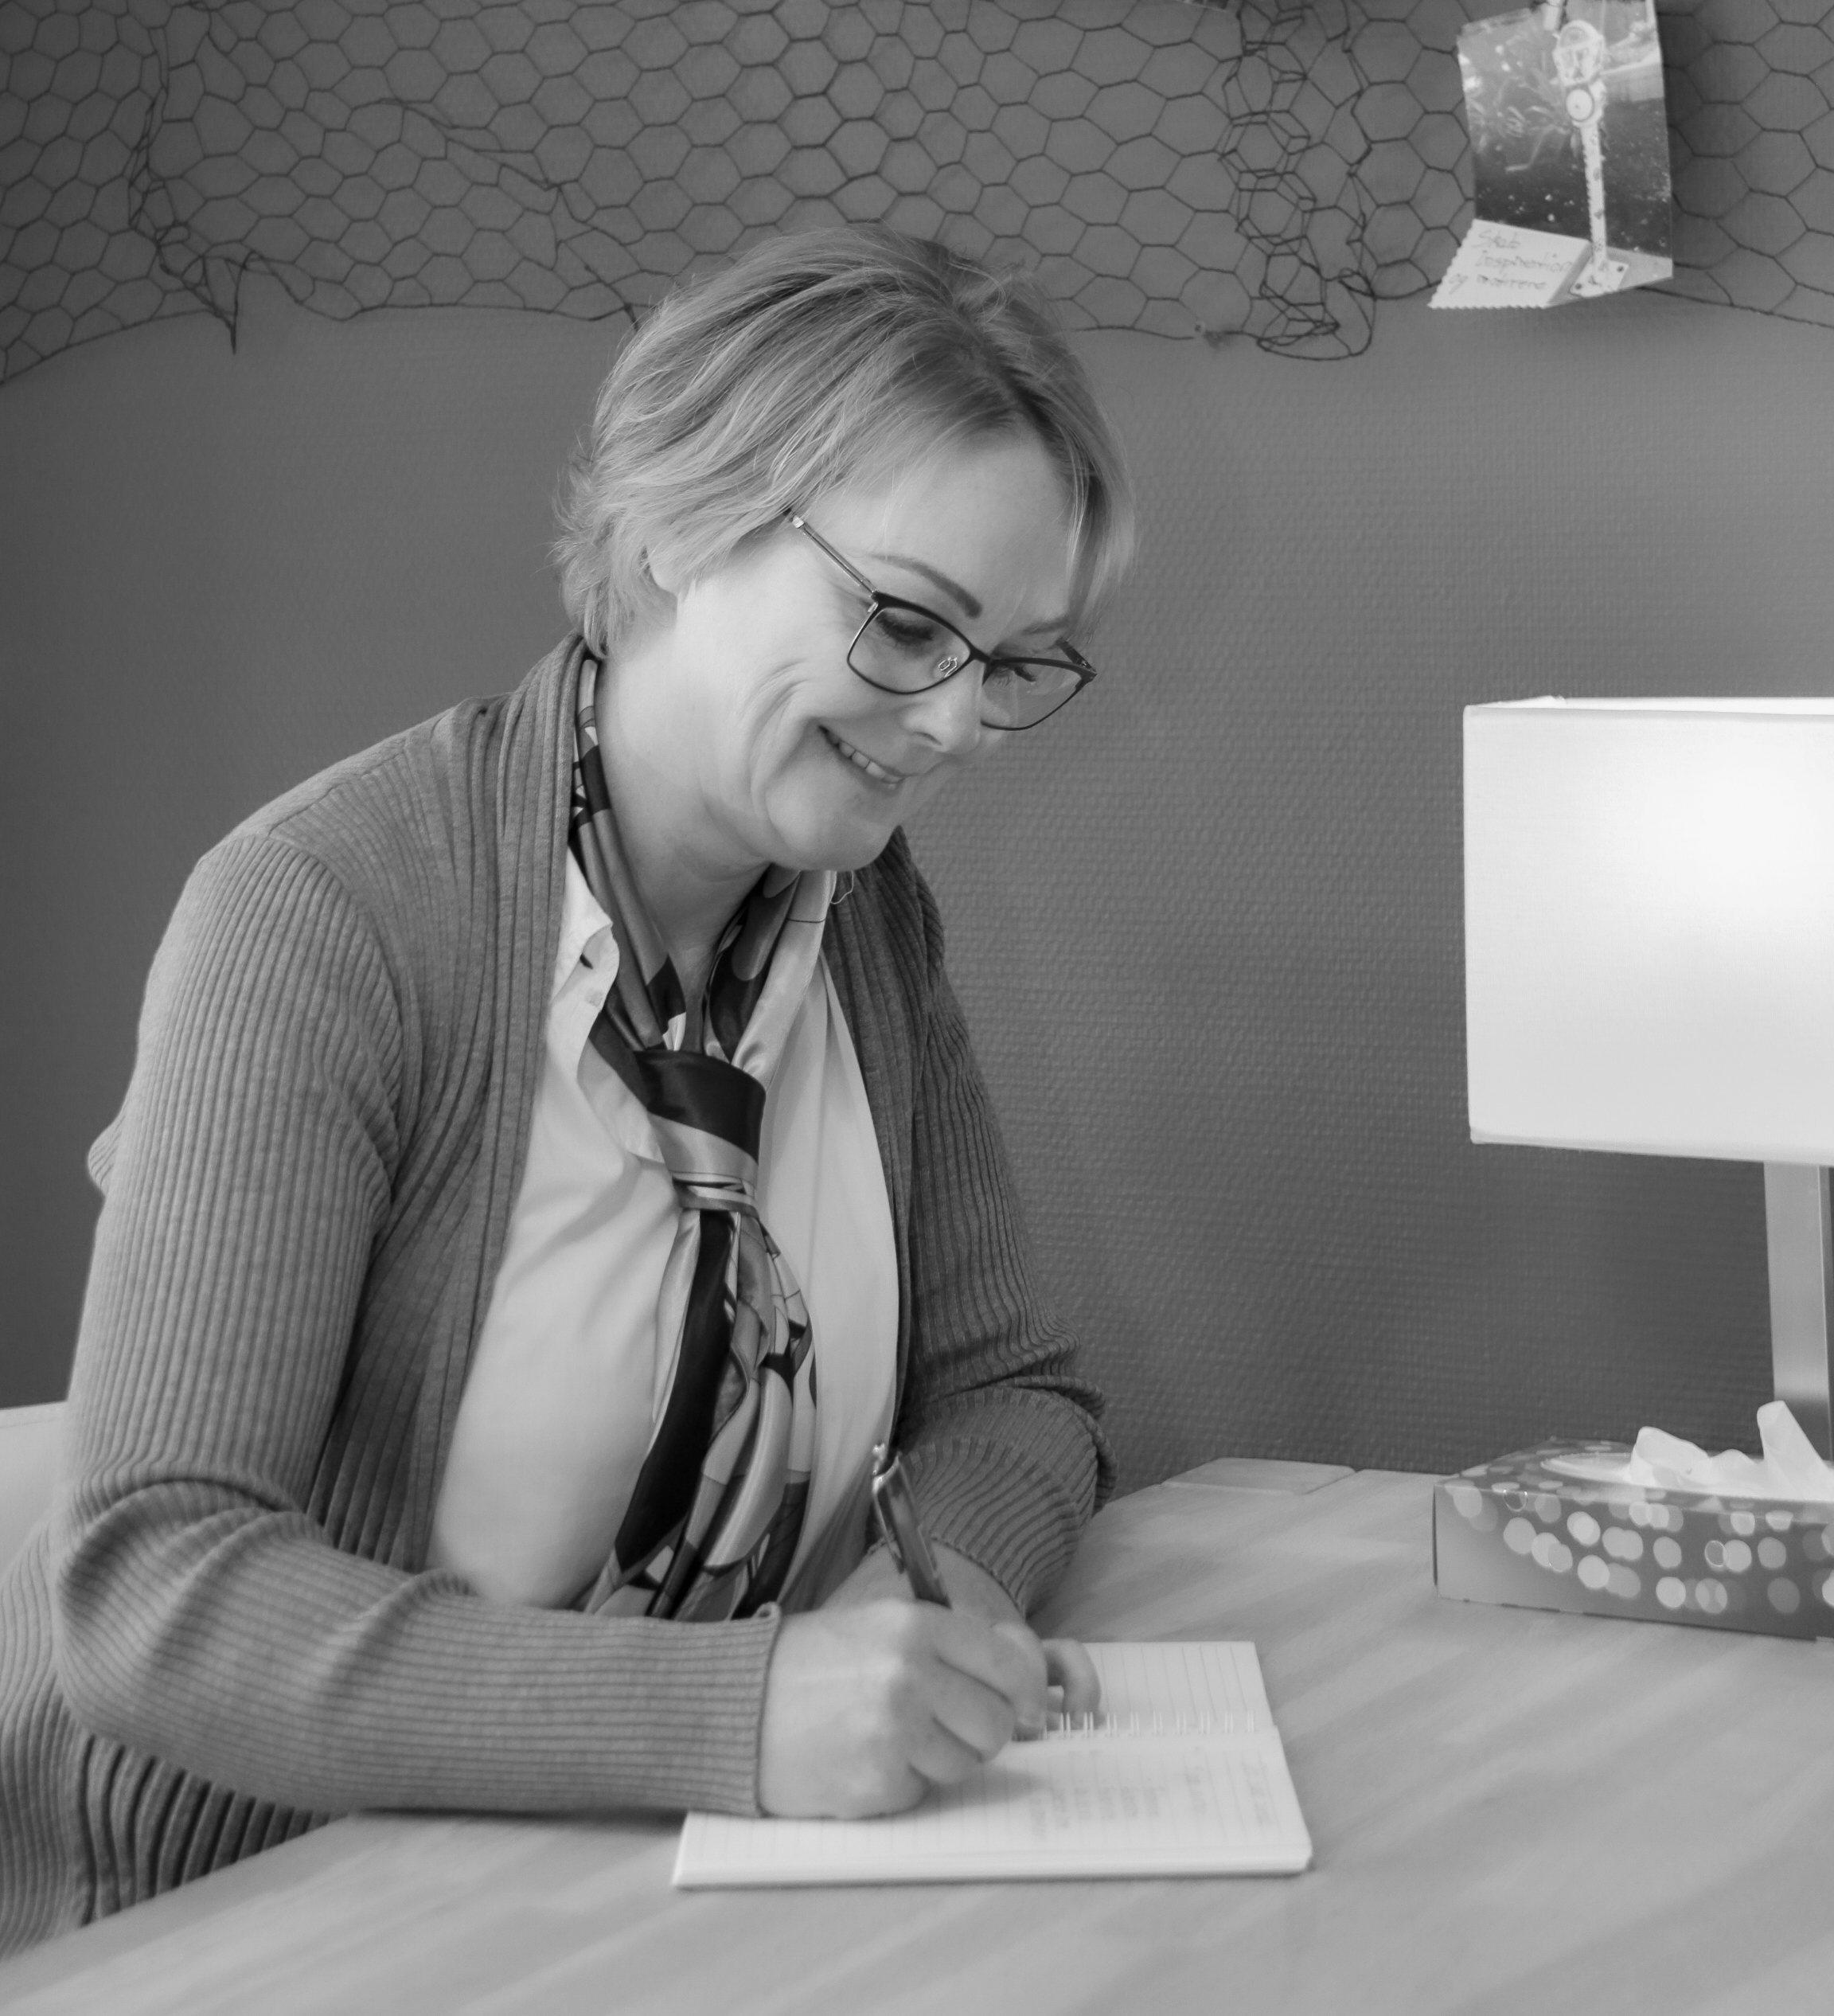 Erhvervscoach - Laila Graversgaard   Karriereudvikling   Sparring   Coaching